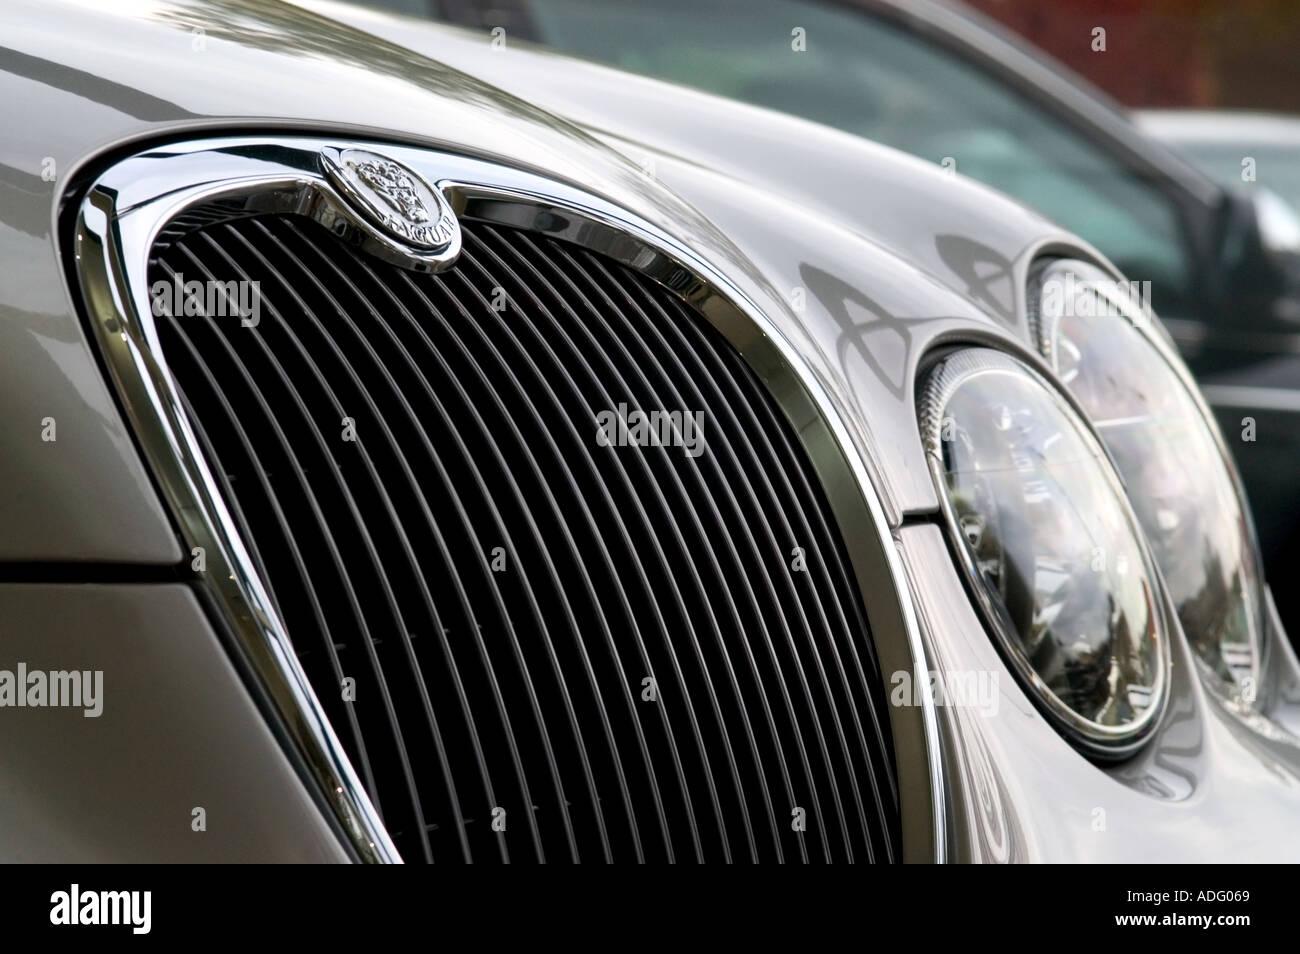 Jaguar Modern Car Expensive Symbol New Stock Photo 2474088 Alamy